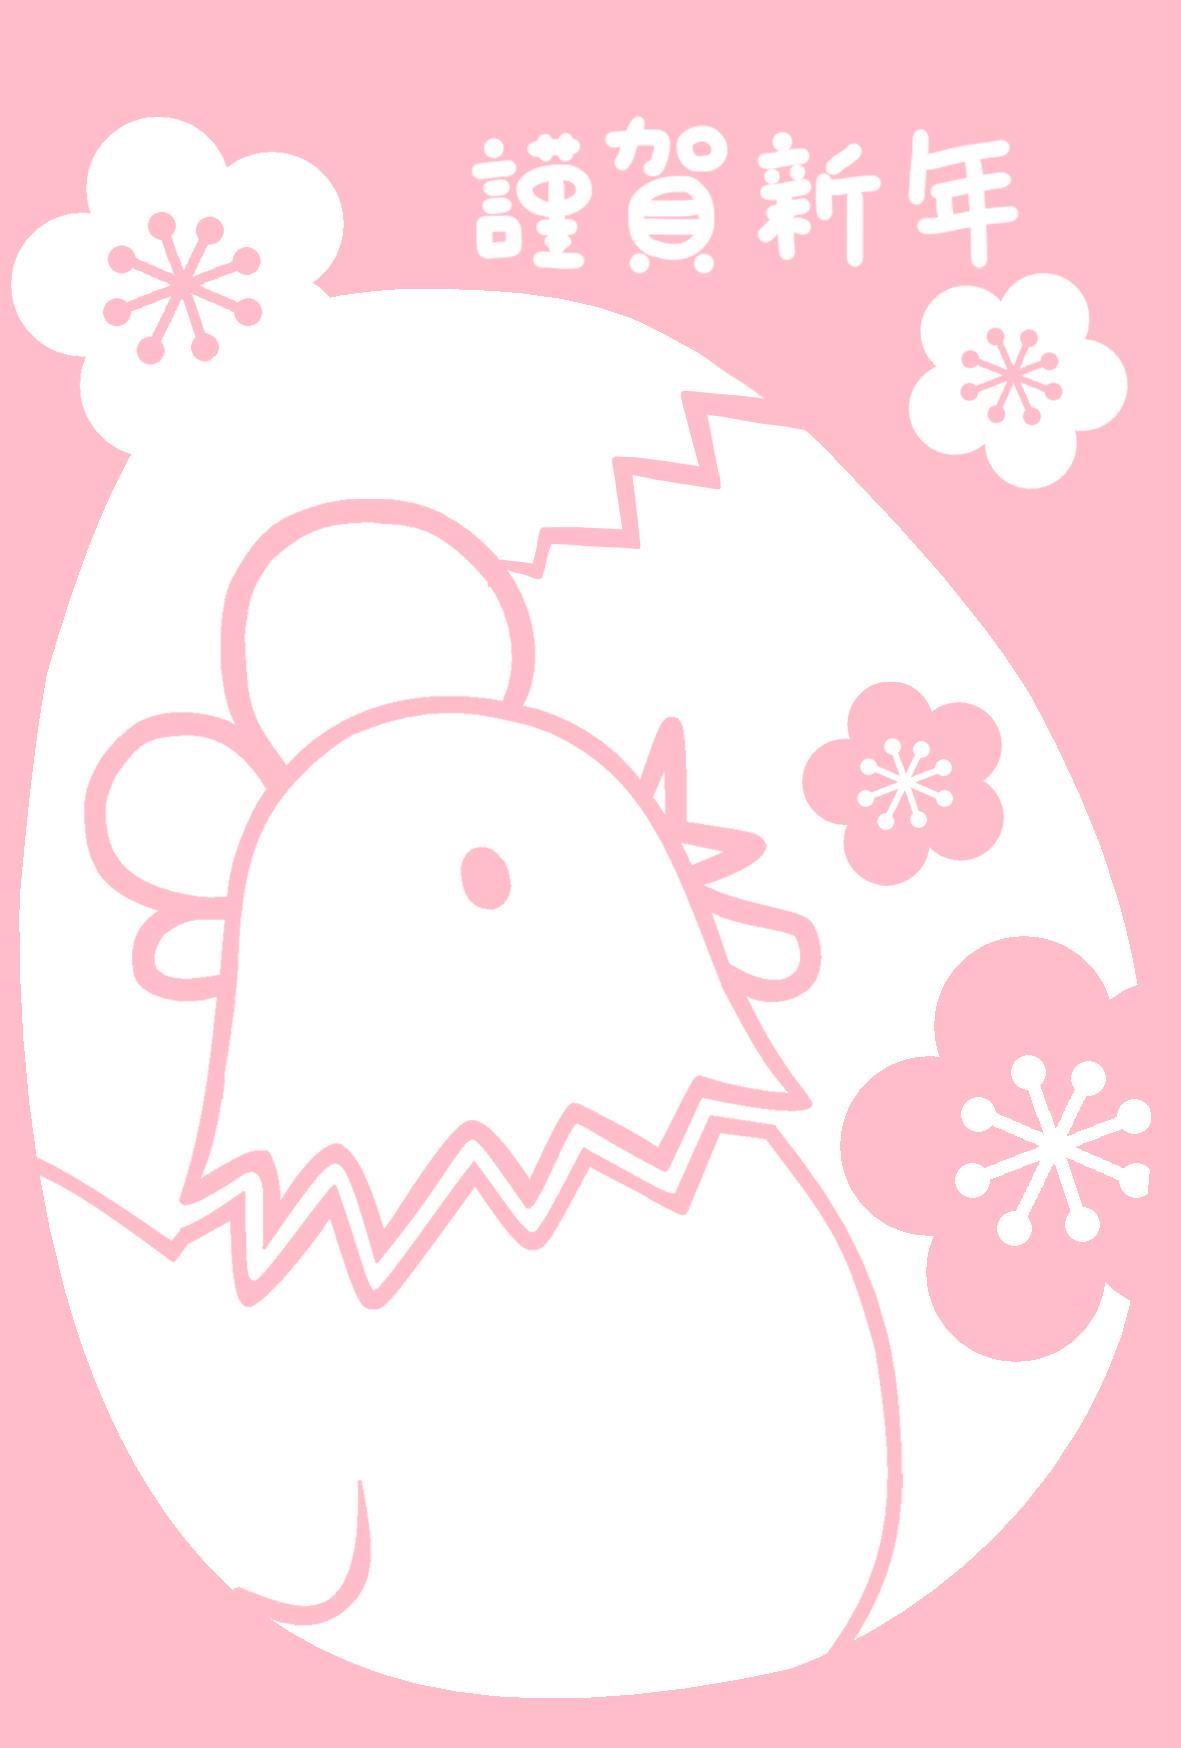 無料】シンプルなピンク単色酉年年賀状【にわとり×たまご×梅の花】